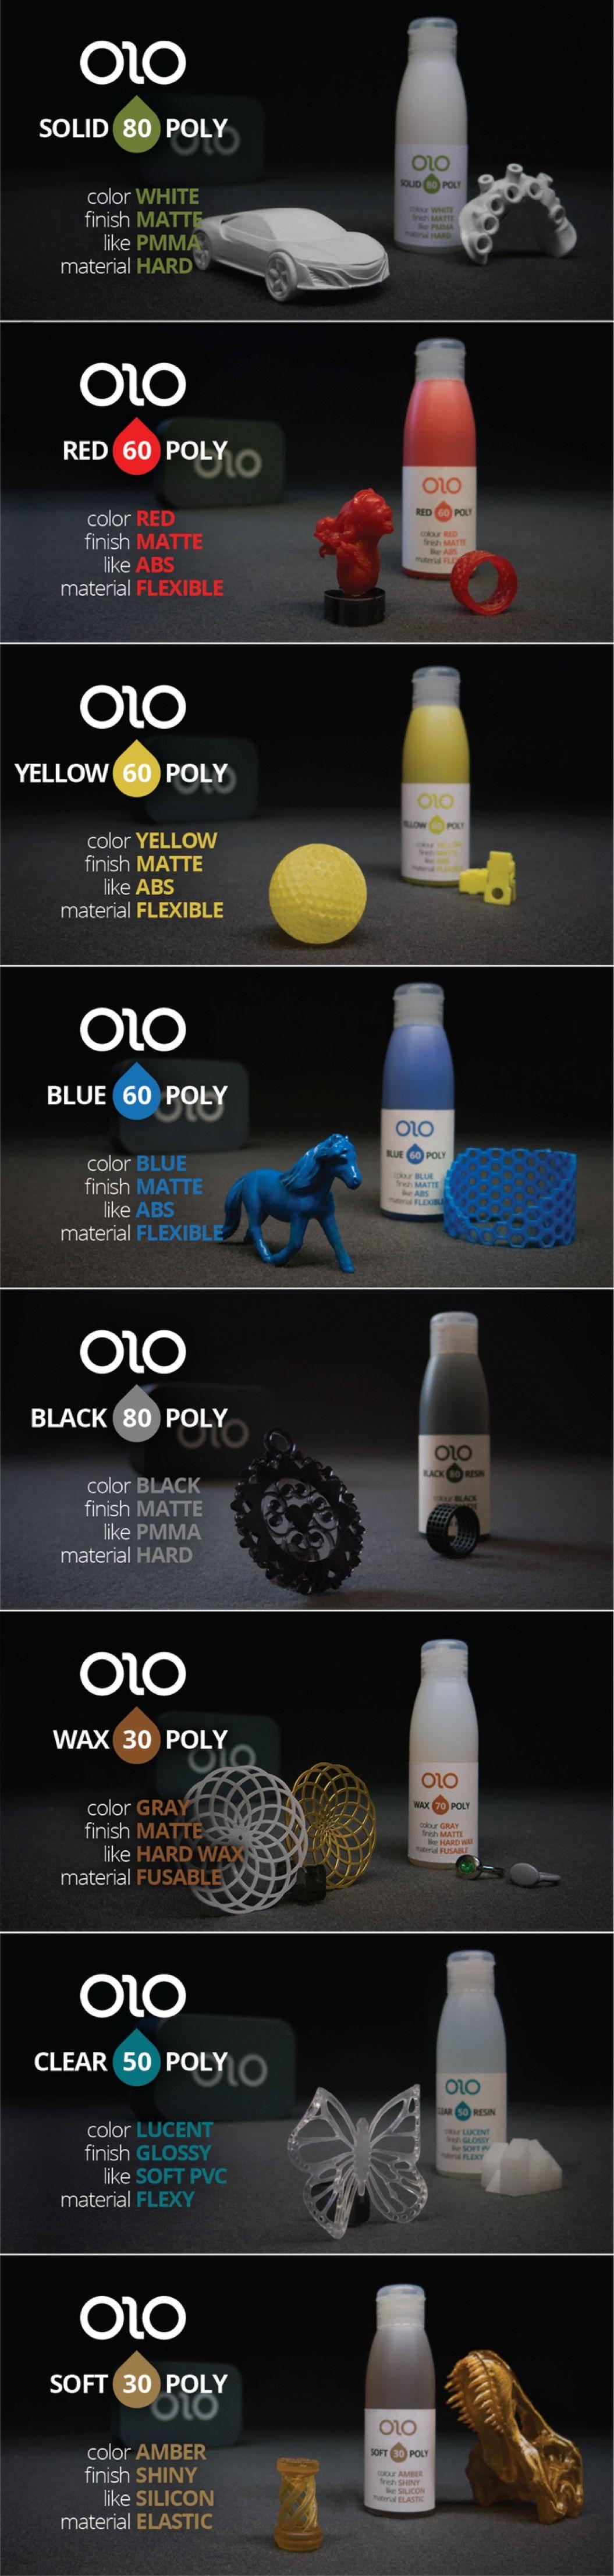 スマホでデザインできる!1万円台の小型3Dプリンター「OLO」